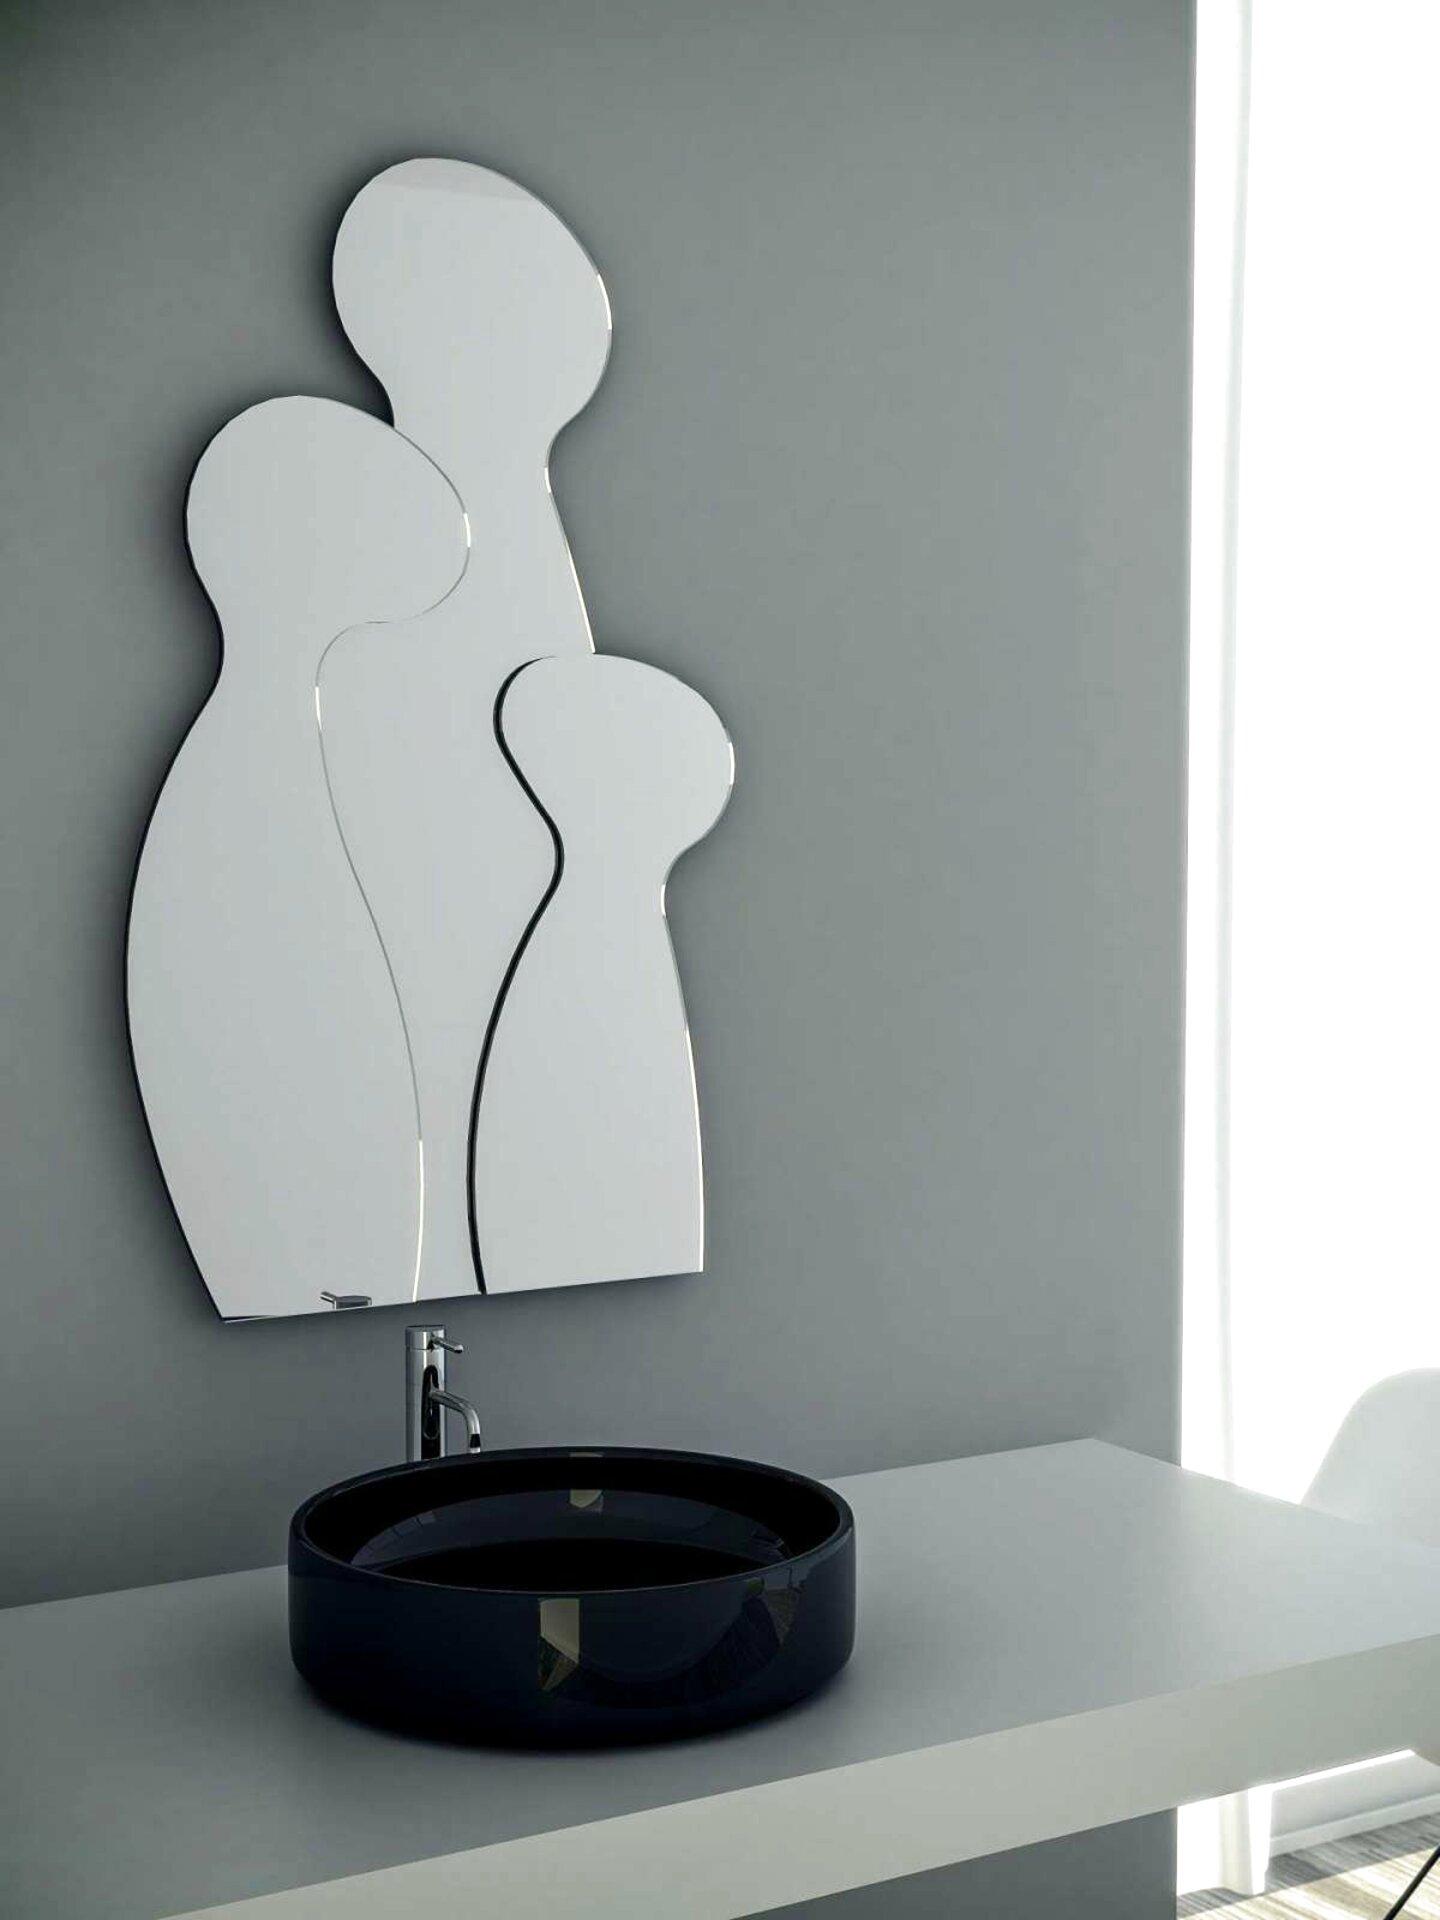 Specchio In Vetro Acrilico A Forma Di Gufo Mungai Mirrors 30 Cm Sticker Da Muro Prima Infanzia Aaaid Org